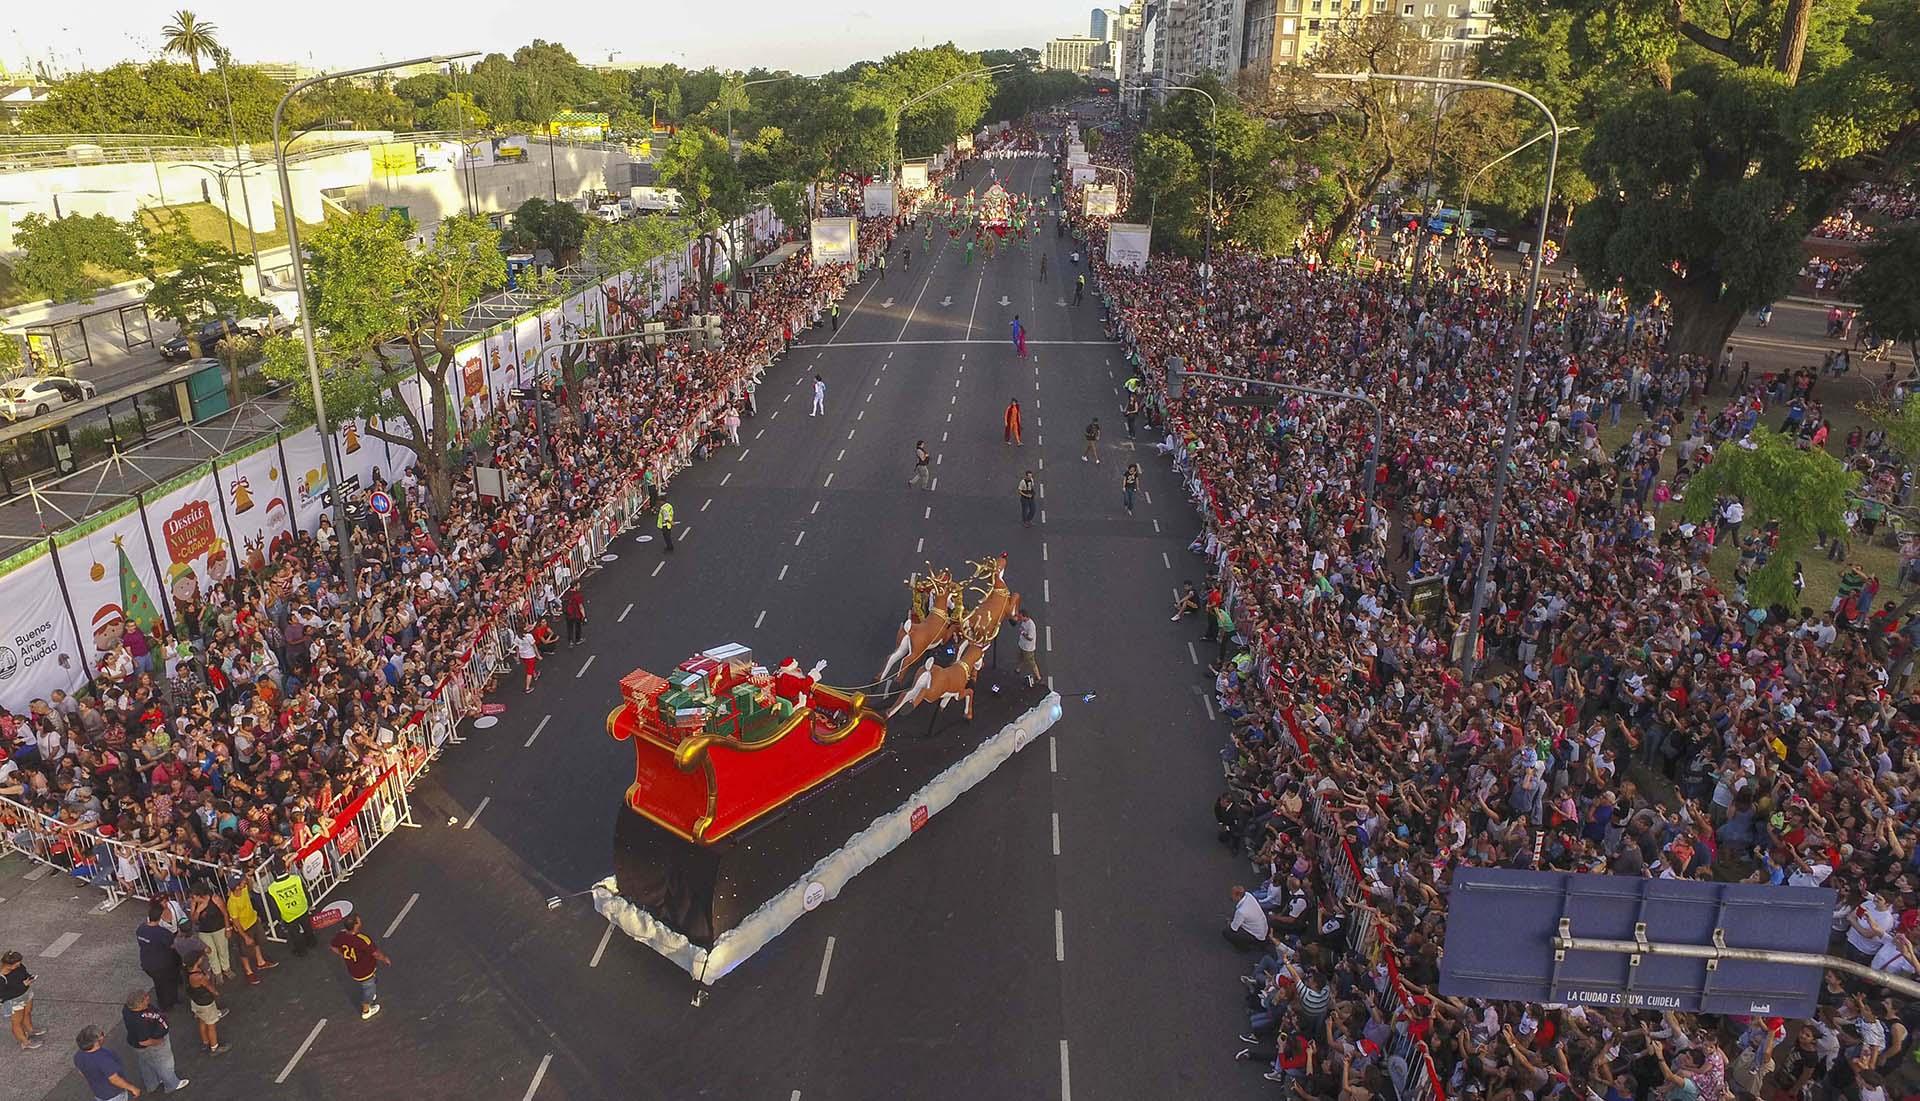 Media decena de carrozas adornadas de manera original y motivos navideños, hadas, duendes y personajes mágicos se sumaron al desfile que atravesó el corredor norte de Buenos Aires